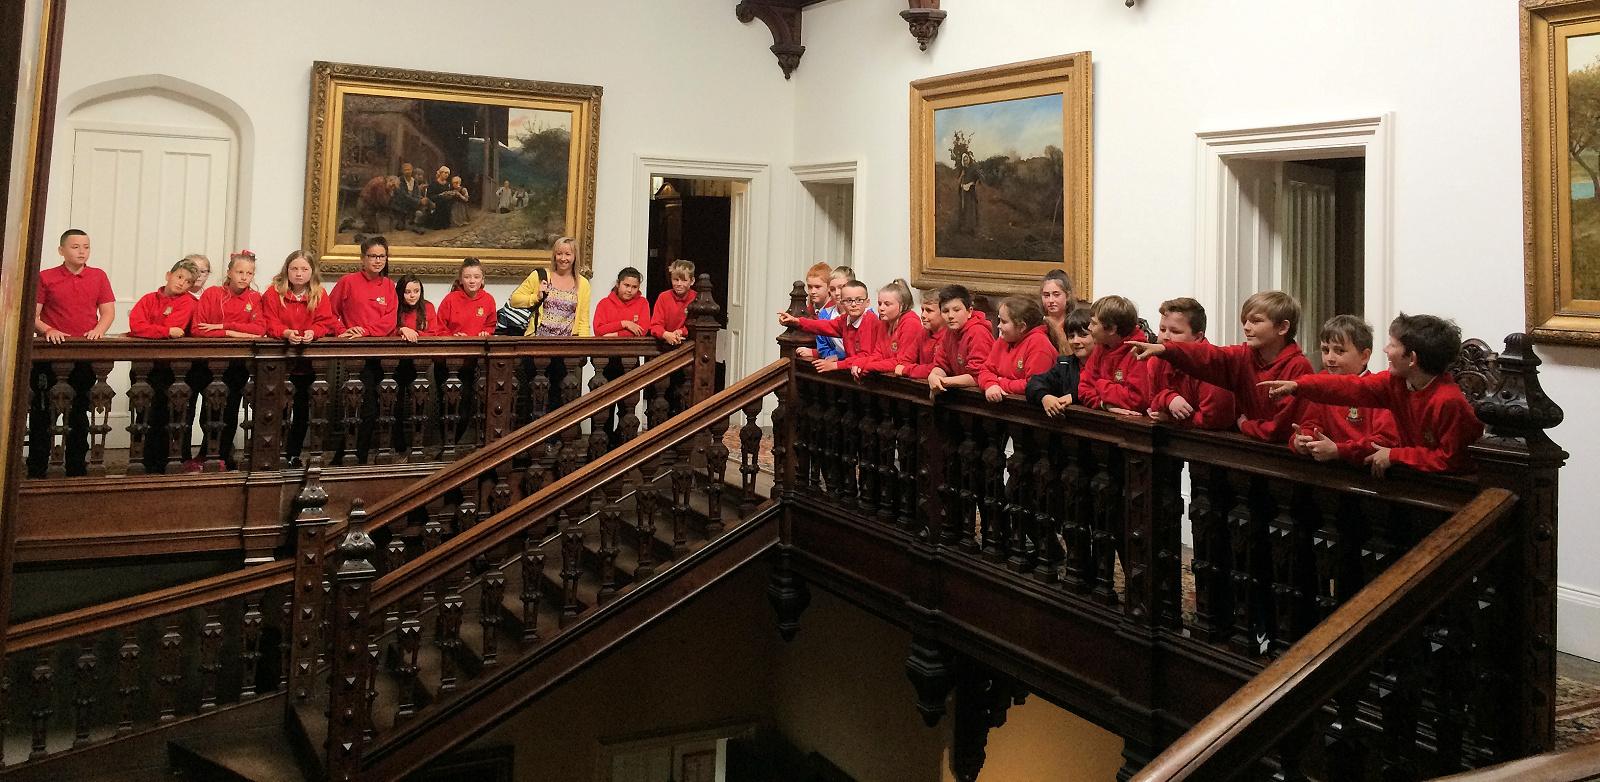 School tour on staircase